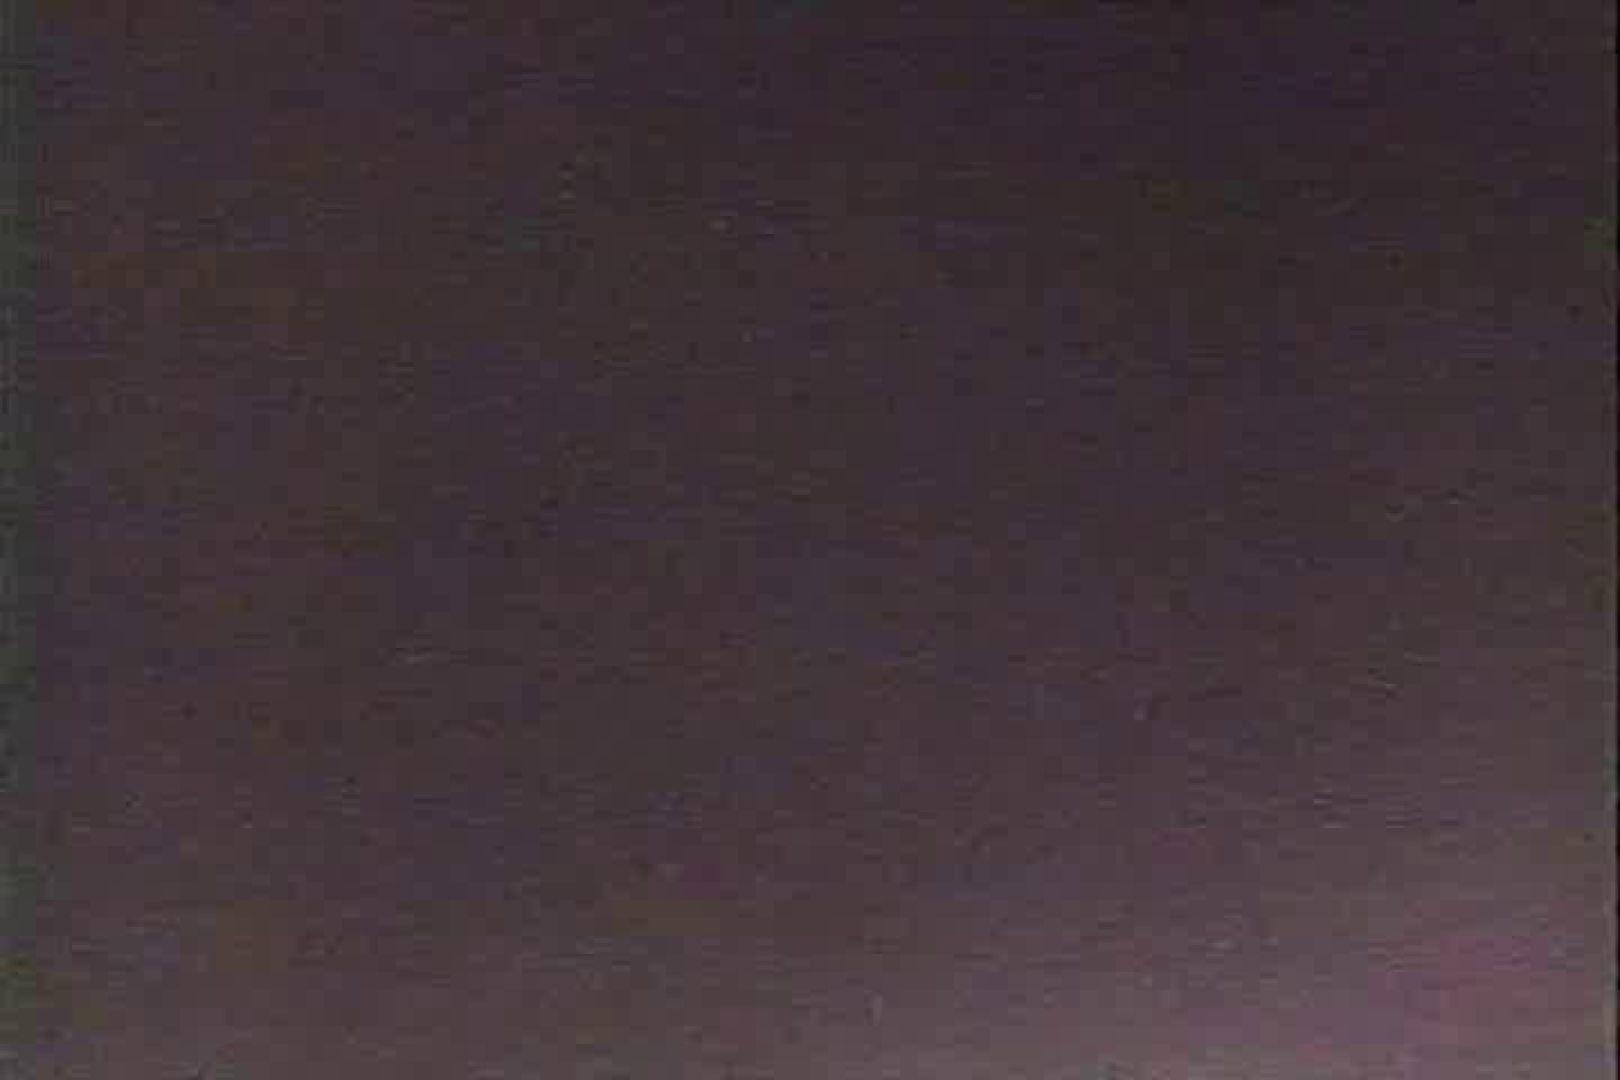 「ちくりん」さんのオリジナル未編集パンチラVol.1_01 チラ 盗撮おまんこ無修正動画無料 23PICs 18